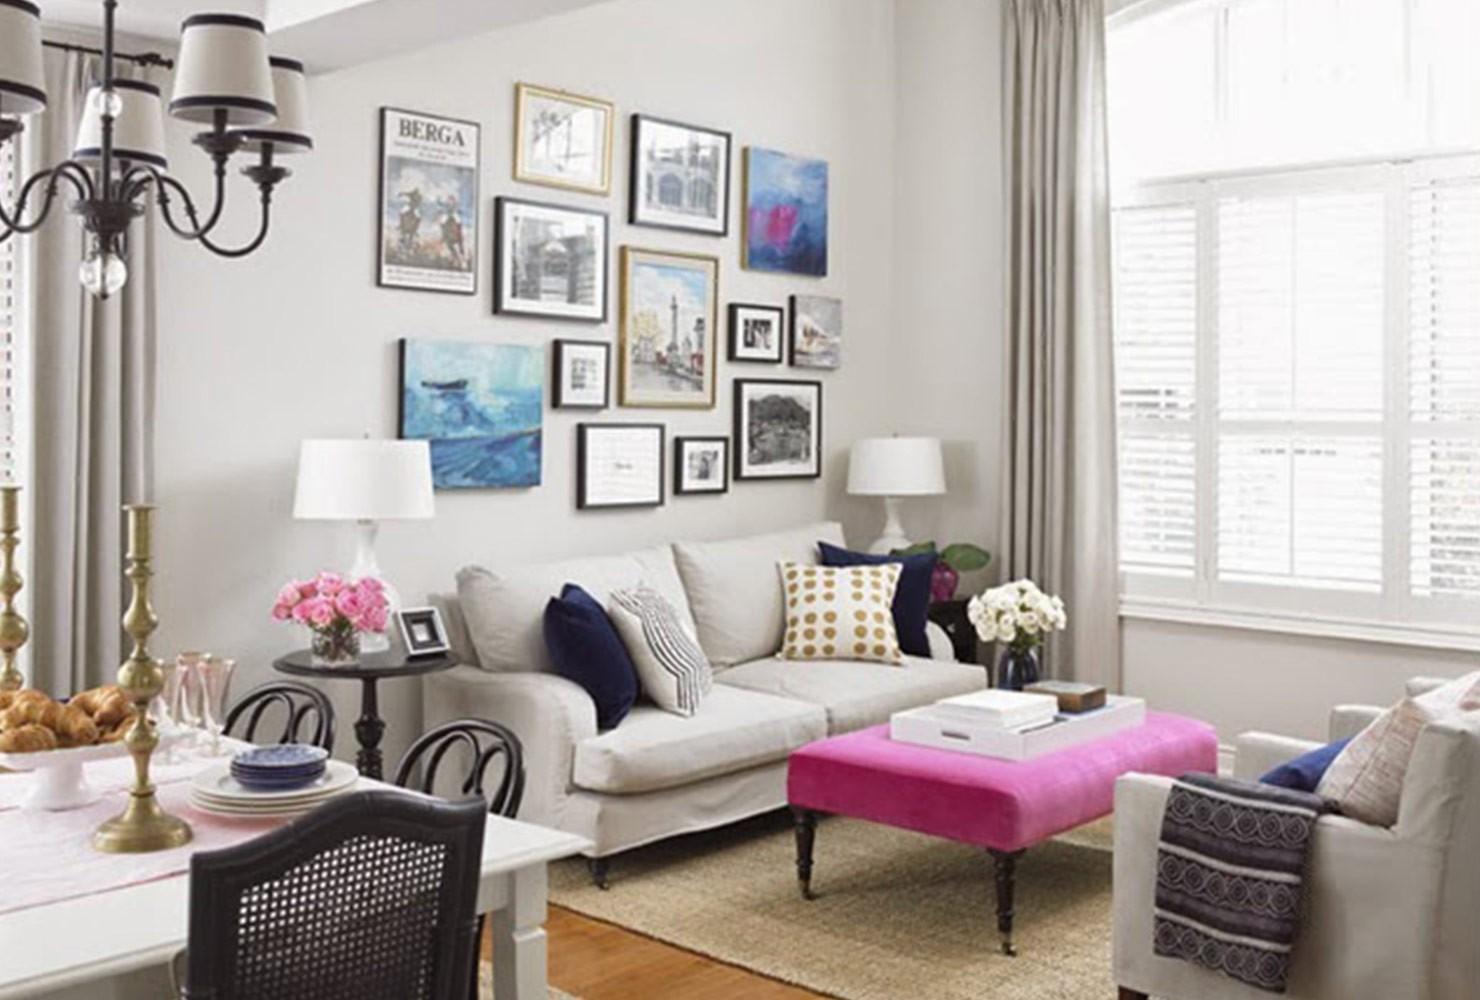 petit salon avec collage d'impressions murales